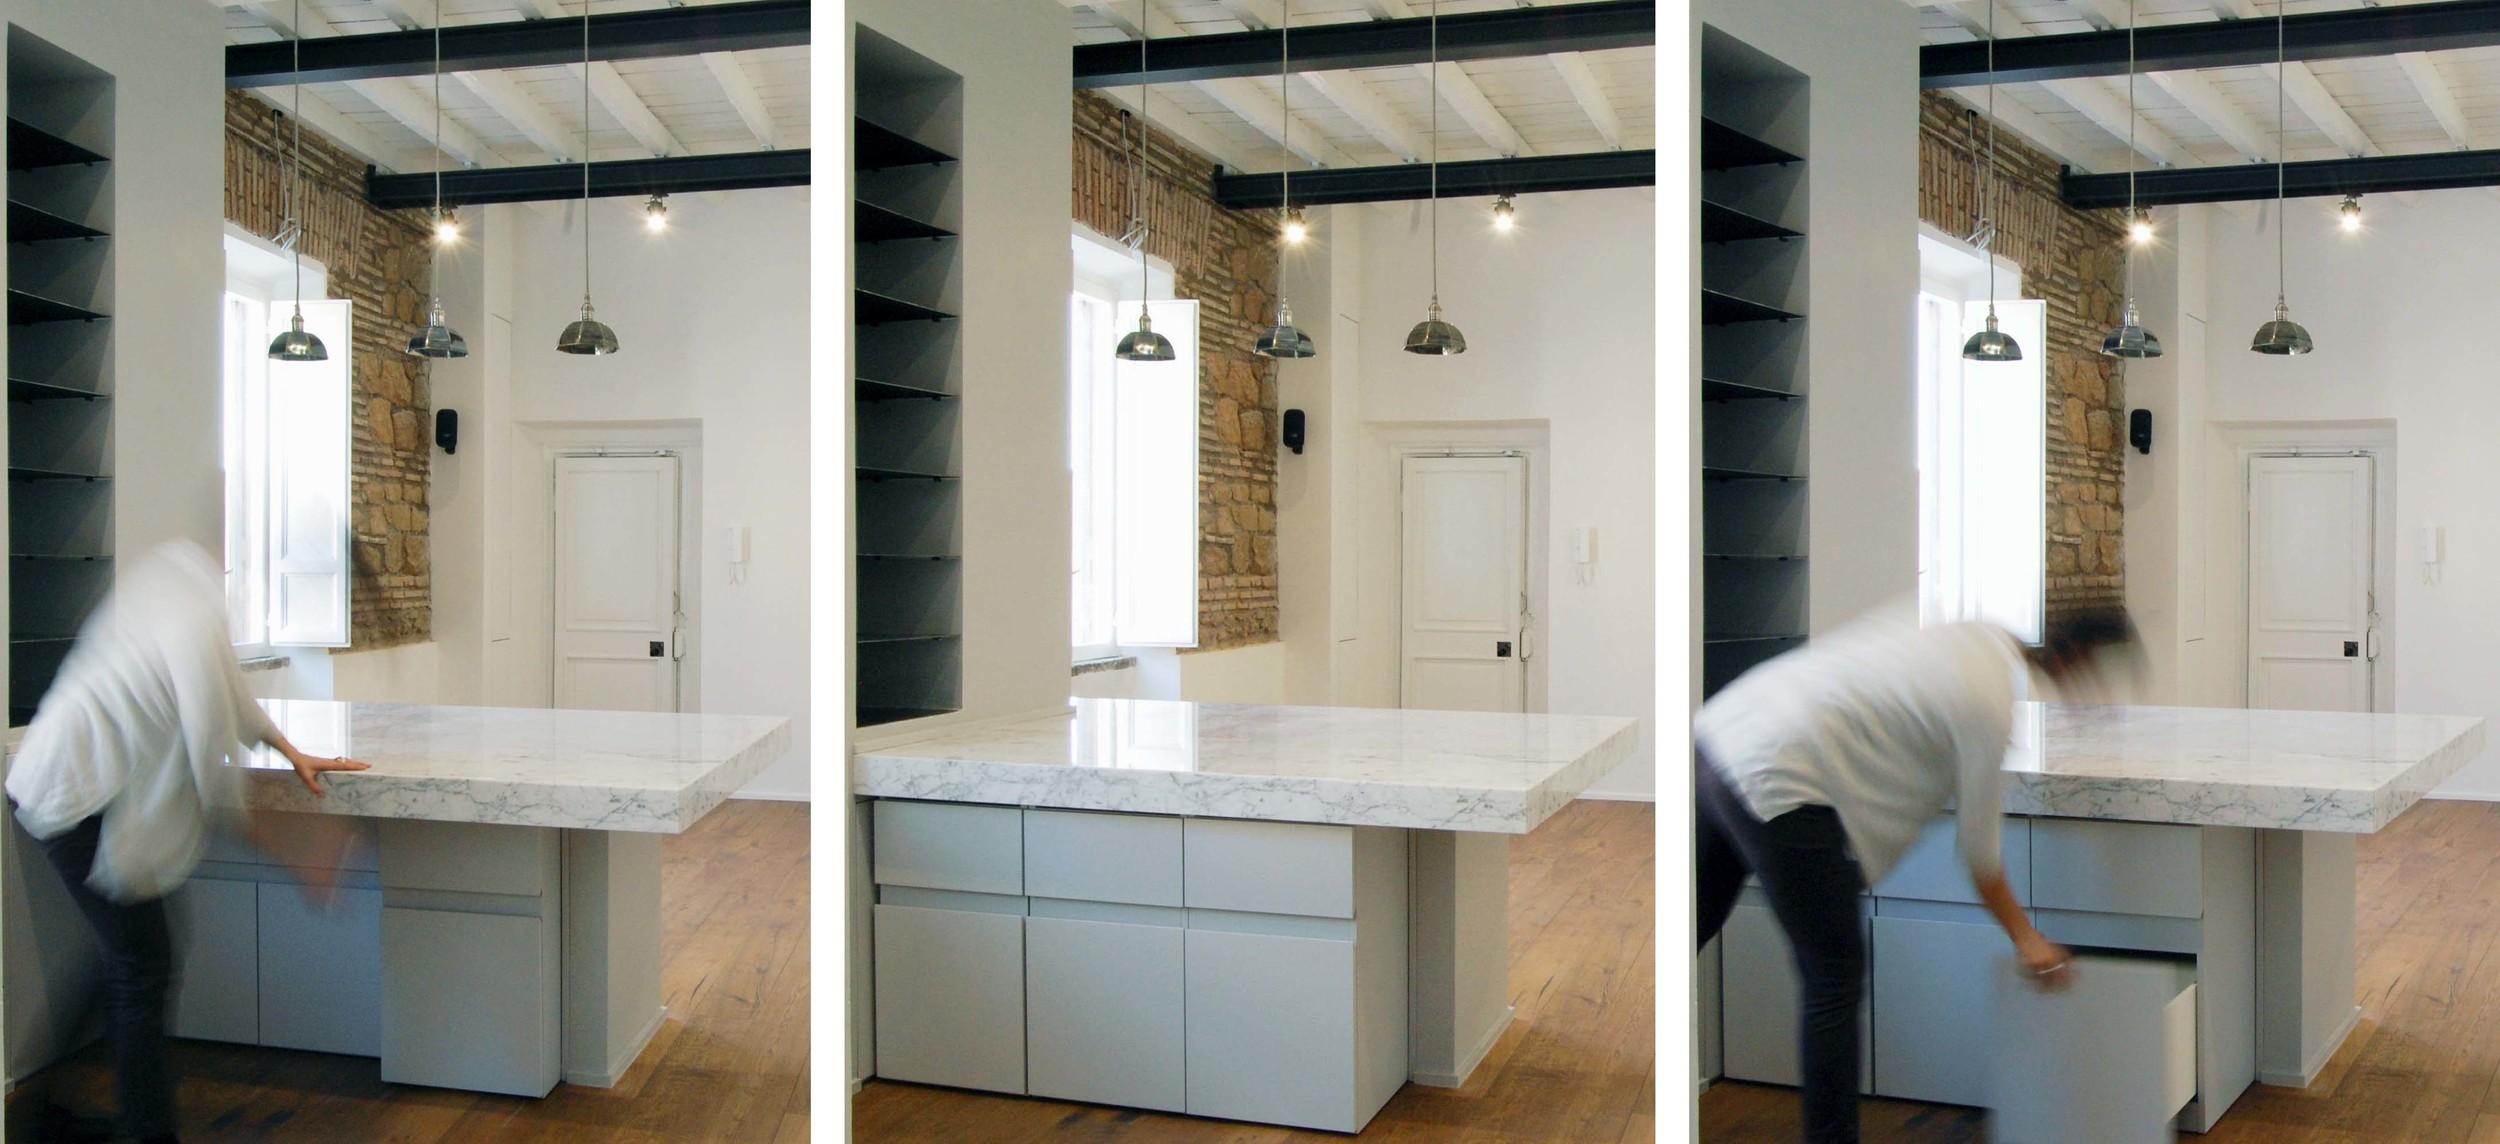 Sotto al piano in marmo, tre contenitori estraibili per facilitarne l'utilizzo senza interferire con la normale vivibilità del tavolo da pranzo.